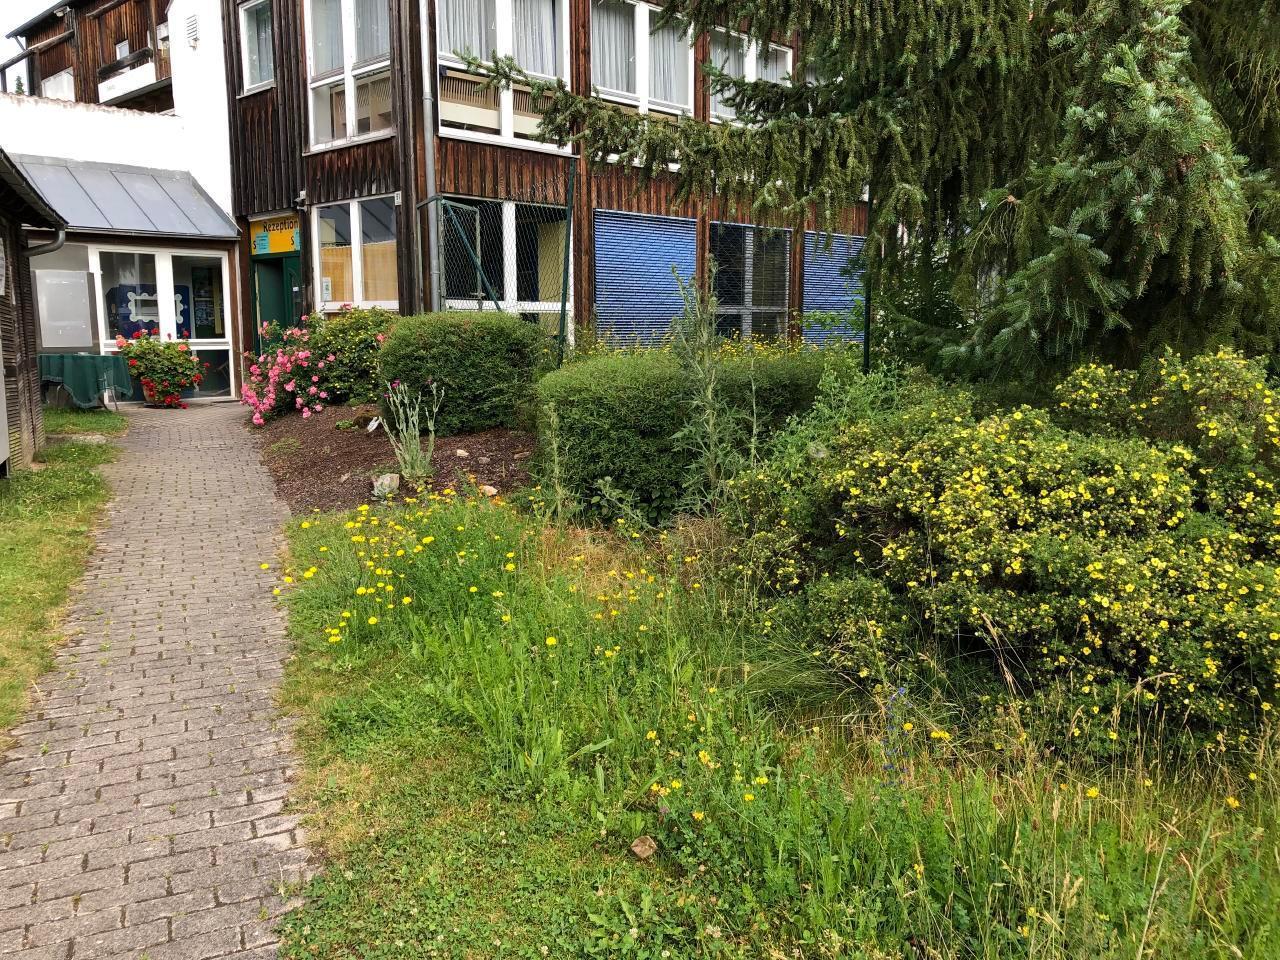 Ferienhaus am Kellerberg - mit  grossen Garten und herrlicher Aussicht, Kaminofen, Haustiere willkomm (337961), Zandt, Bayerischer Wald, Bayern, Deutschland, Bild 32